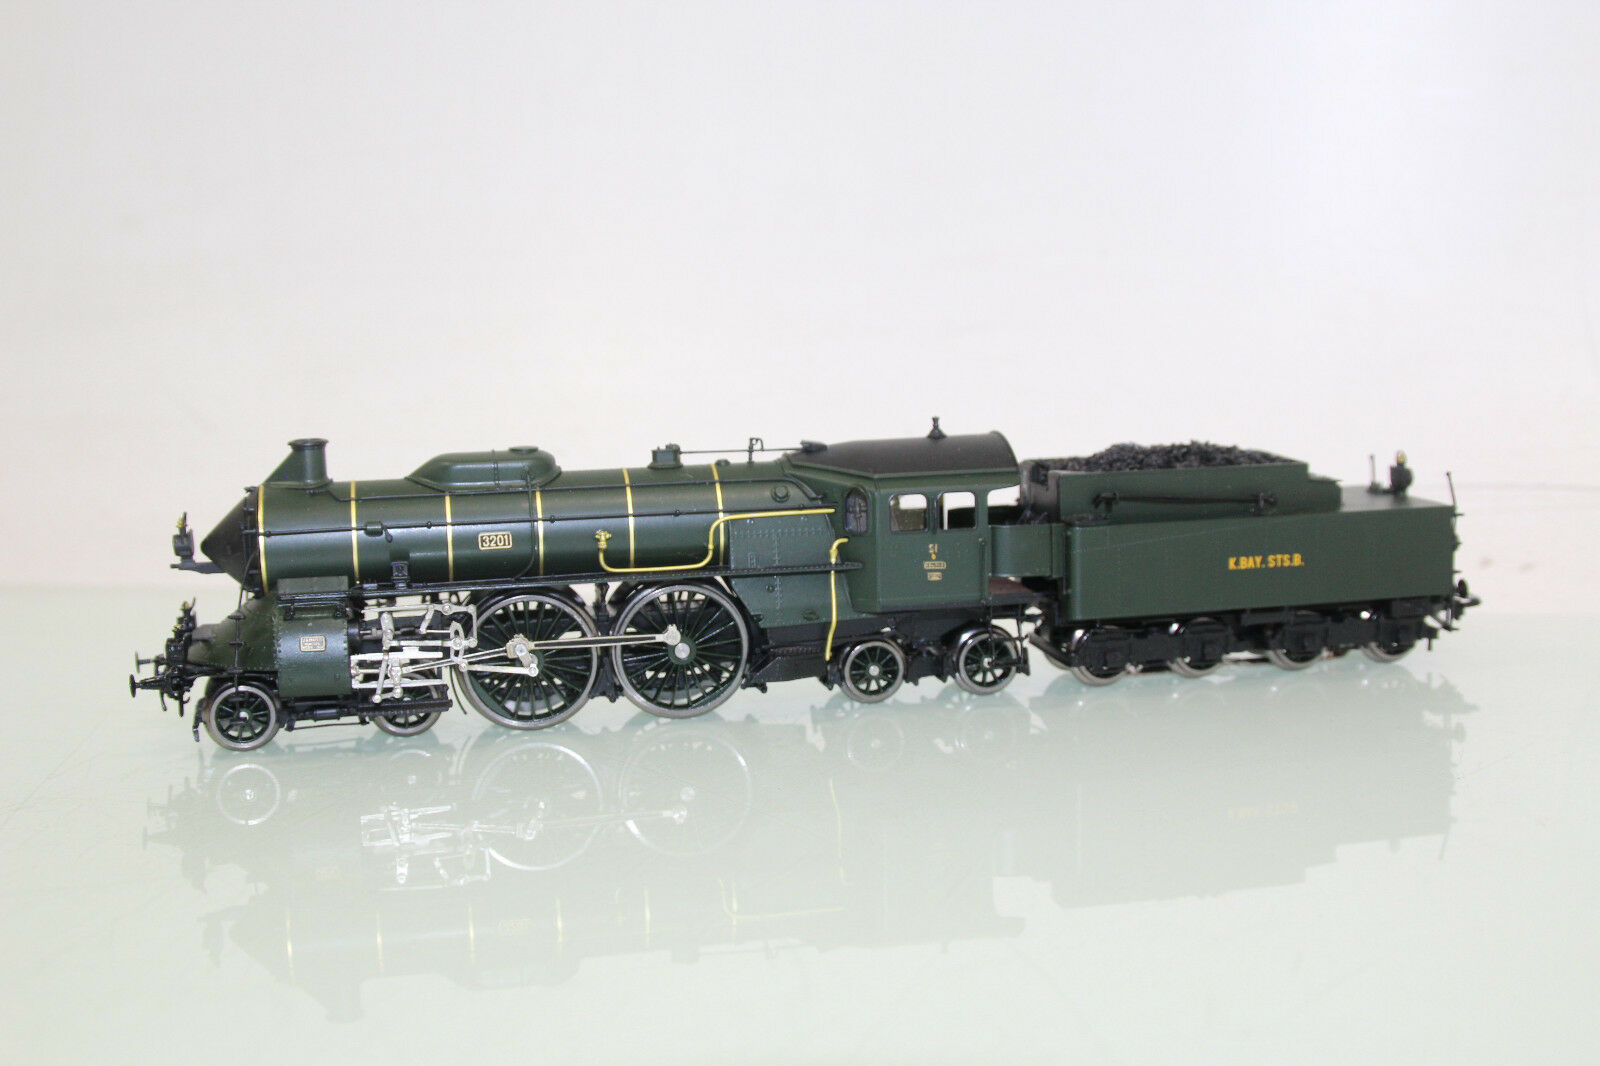 Trix Fine-Art h0 42220 máquina de vapor s 2 6 de la K. Bay. STS. B. en caja de madera embalaje original (sl5316)